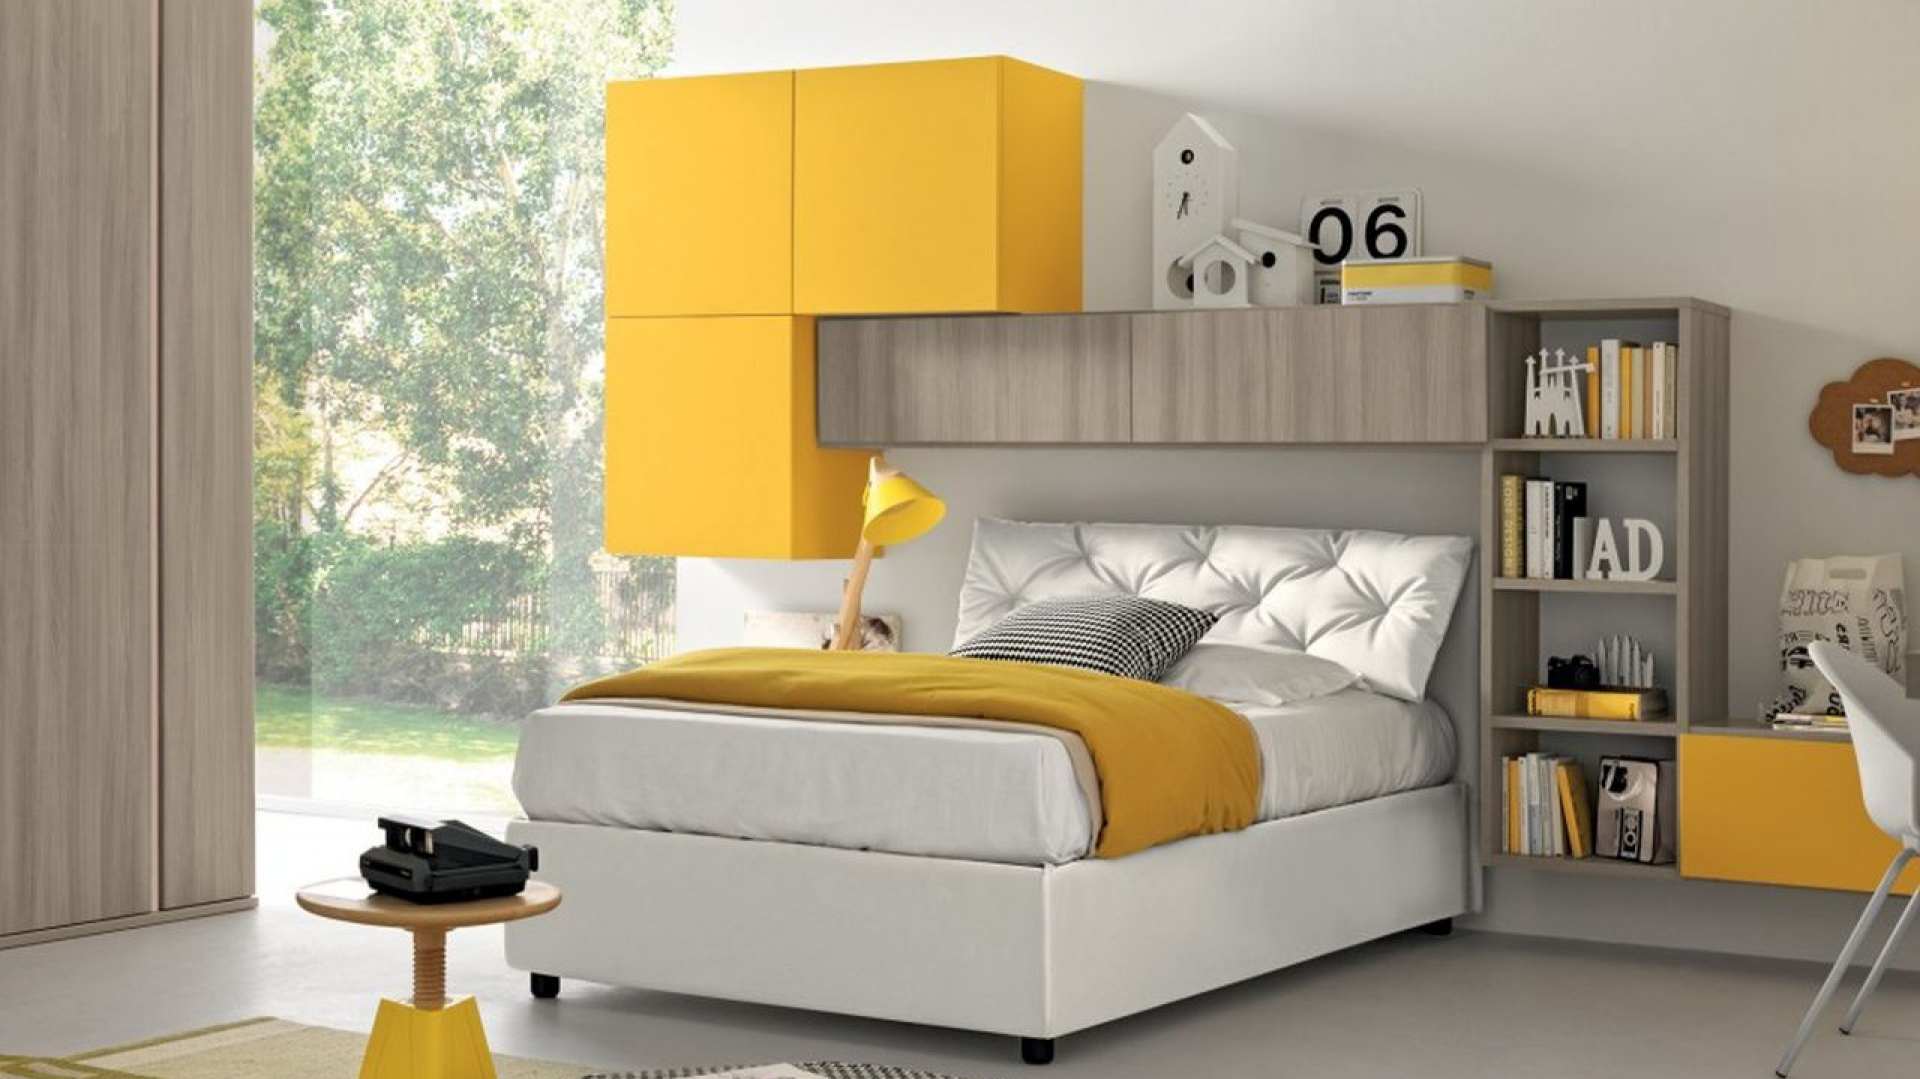 Meble w kolorze drewna efektownie ożywiają żółte fronty. Tapicerowany zagłówek łóżka nadaje aranżacji szyku i wnosi do wnętrza odrobinę elegancji. Fot. Colombini Casa.